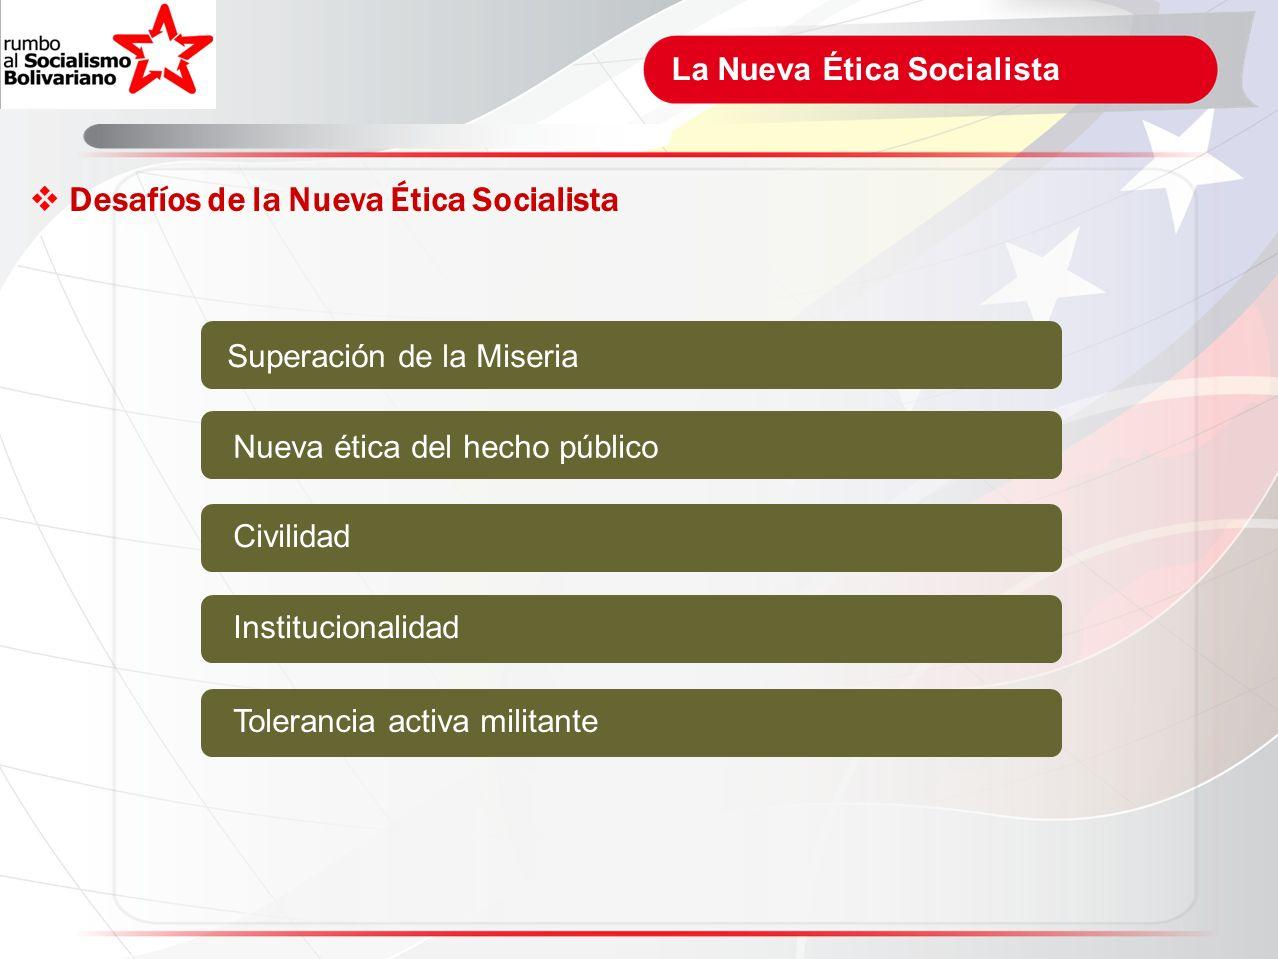 Desafíos de la Nueva Ética Socialista